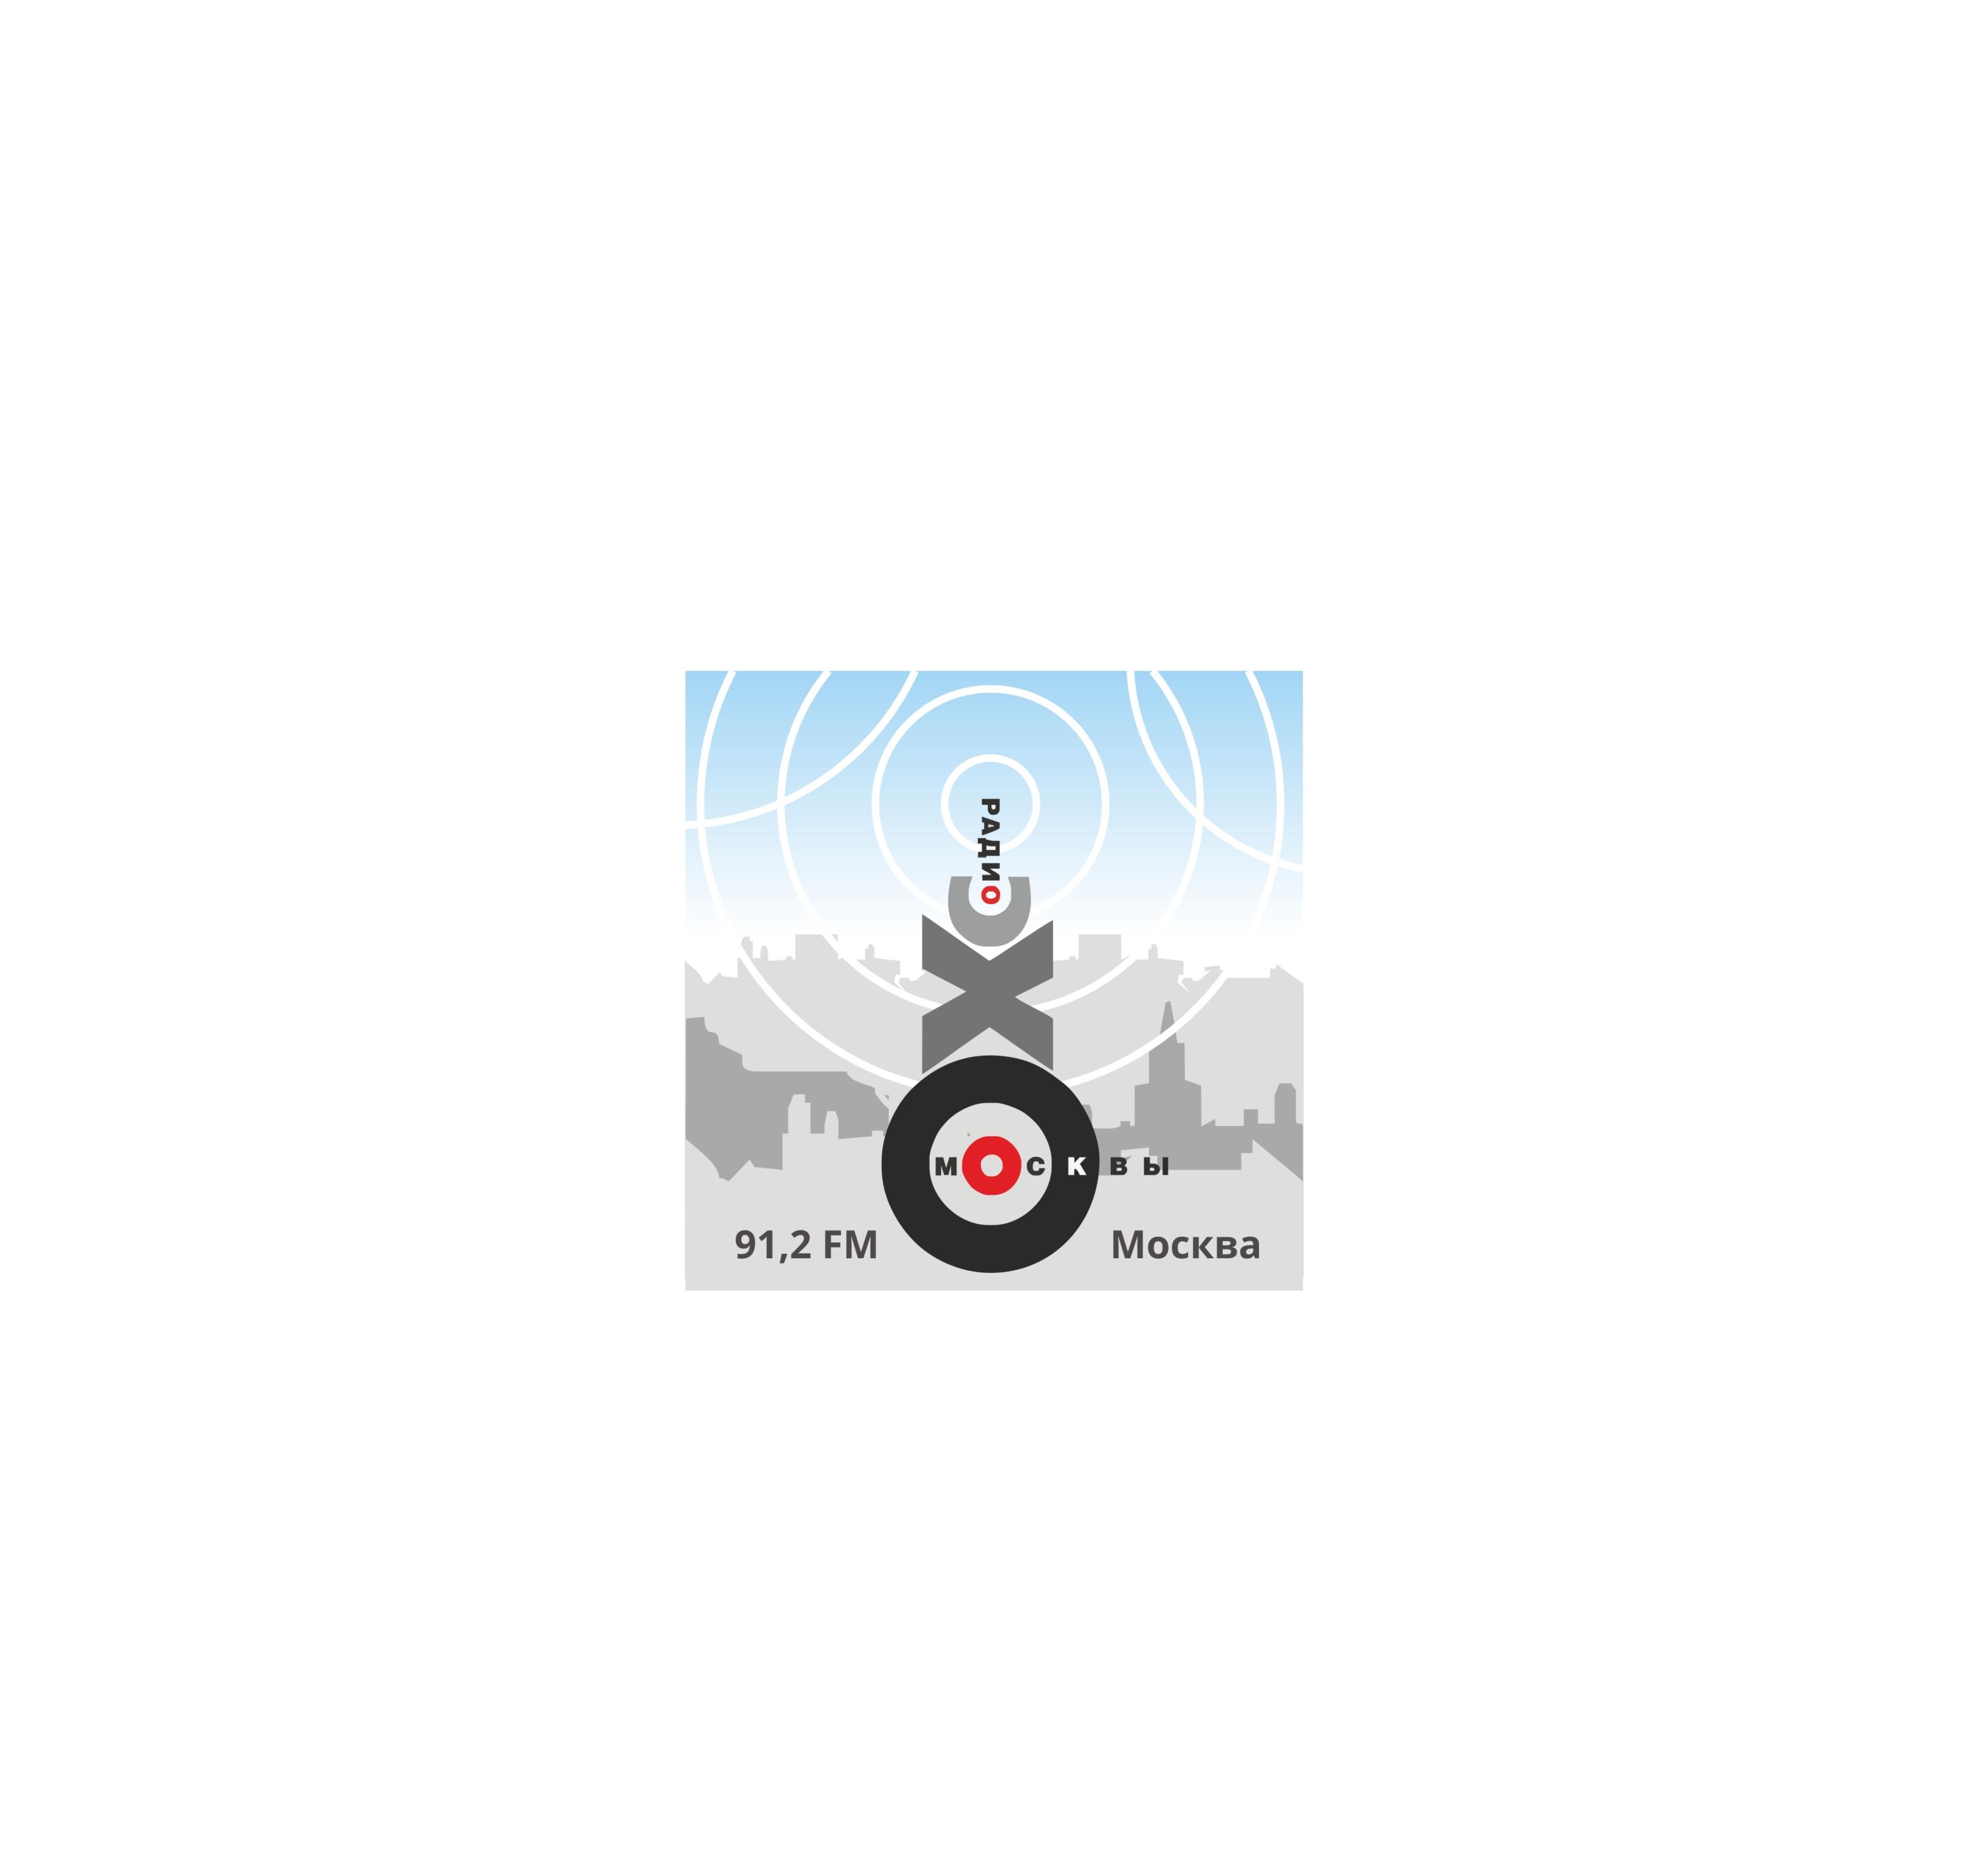 Дизайн логотипа р/с Эхо Москвы. фото f_9165622710ee2faa.jpg